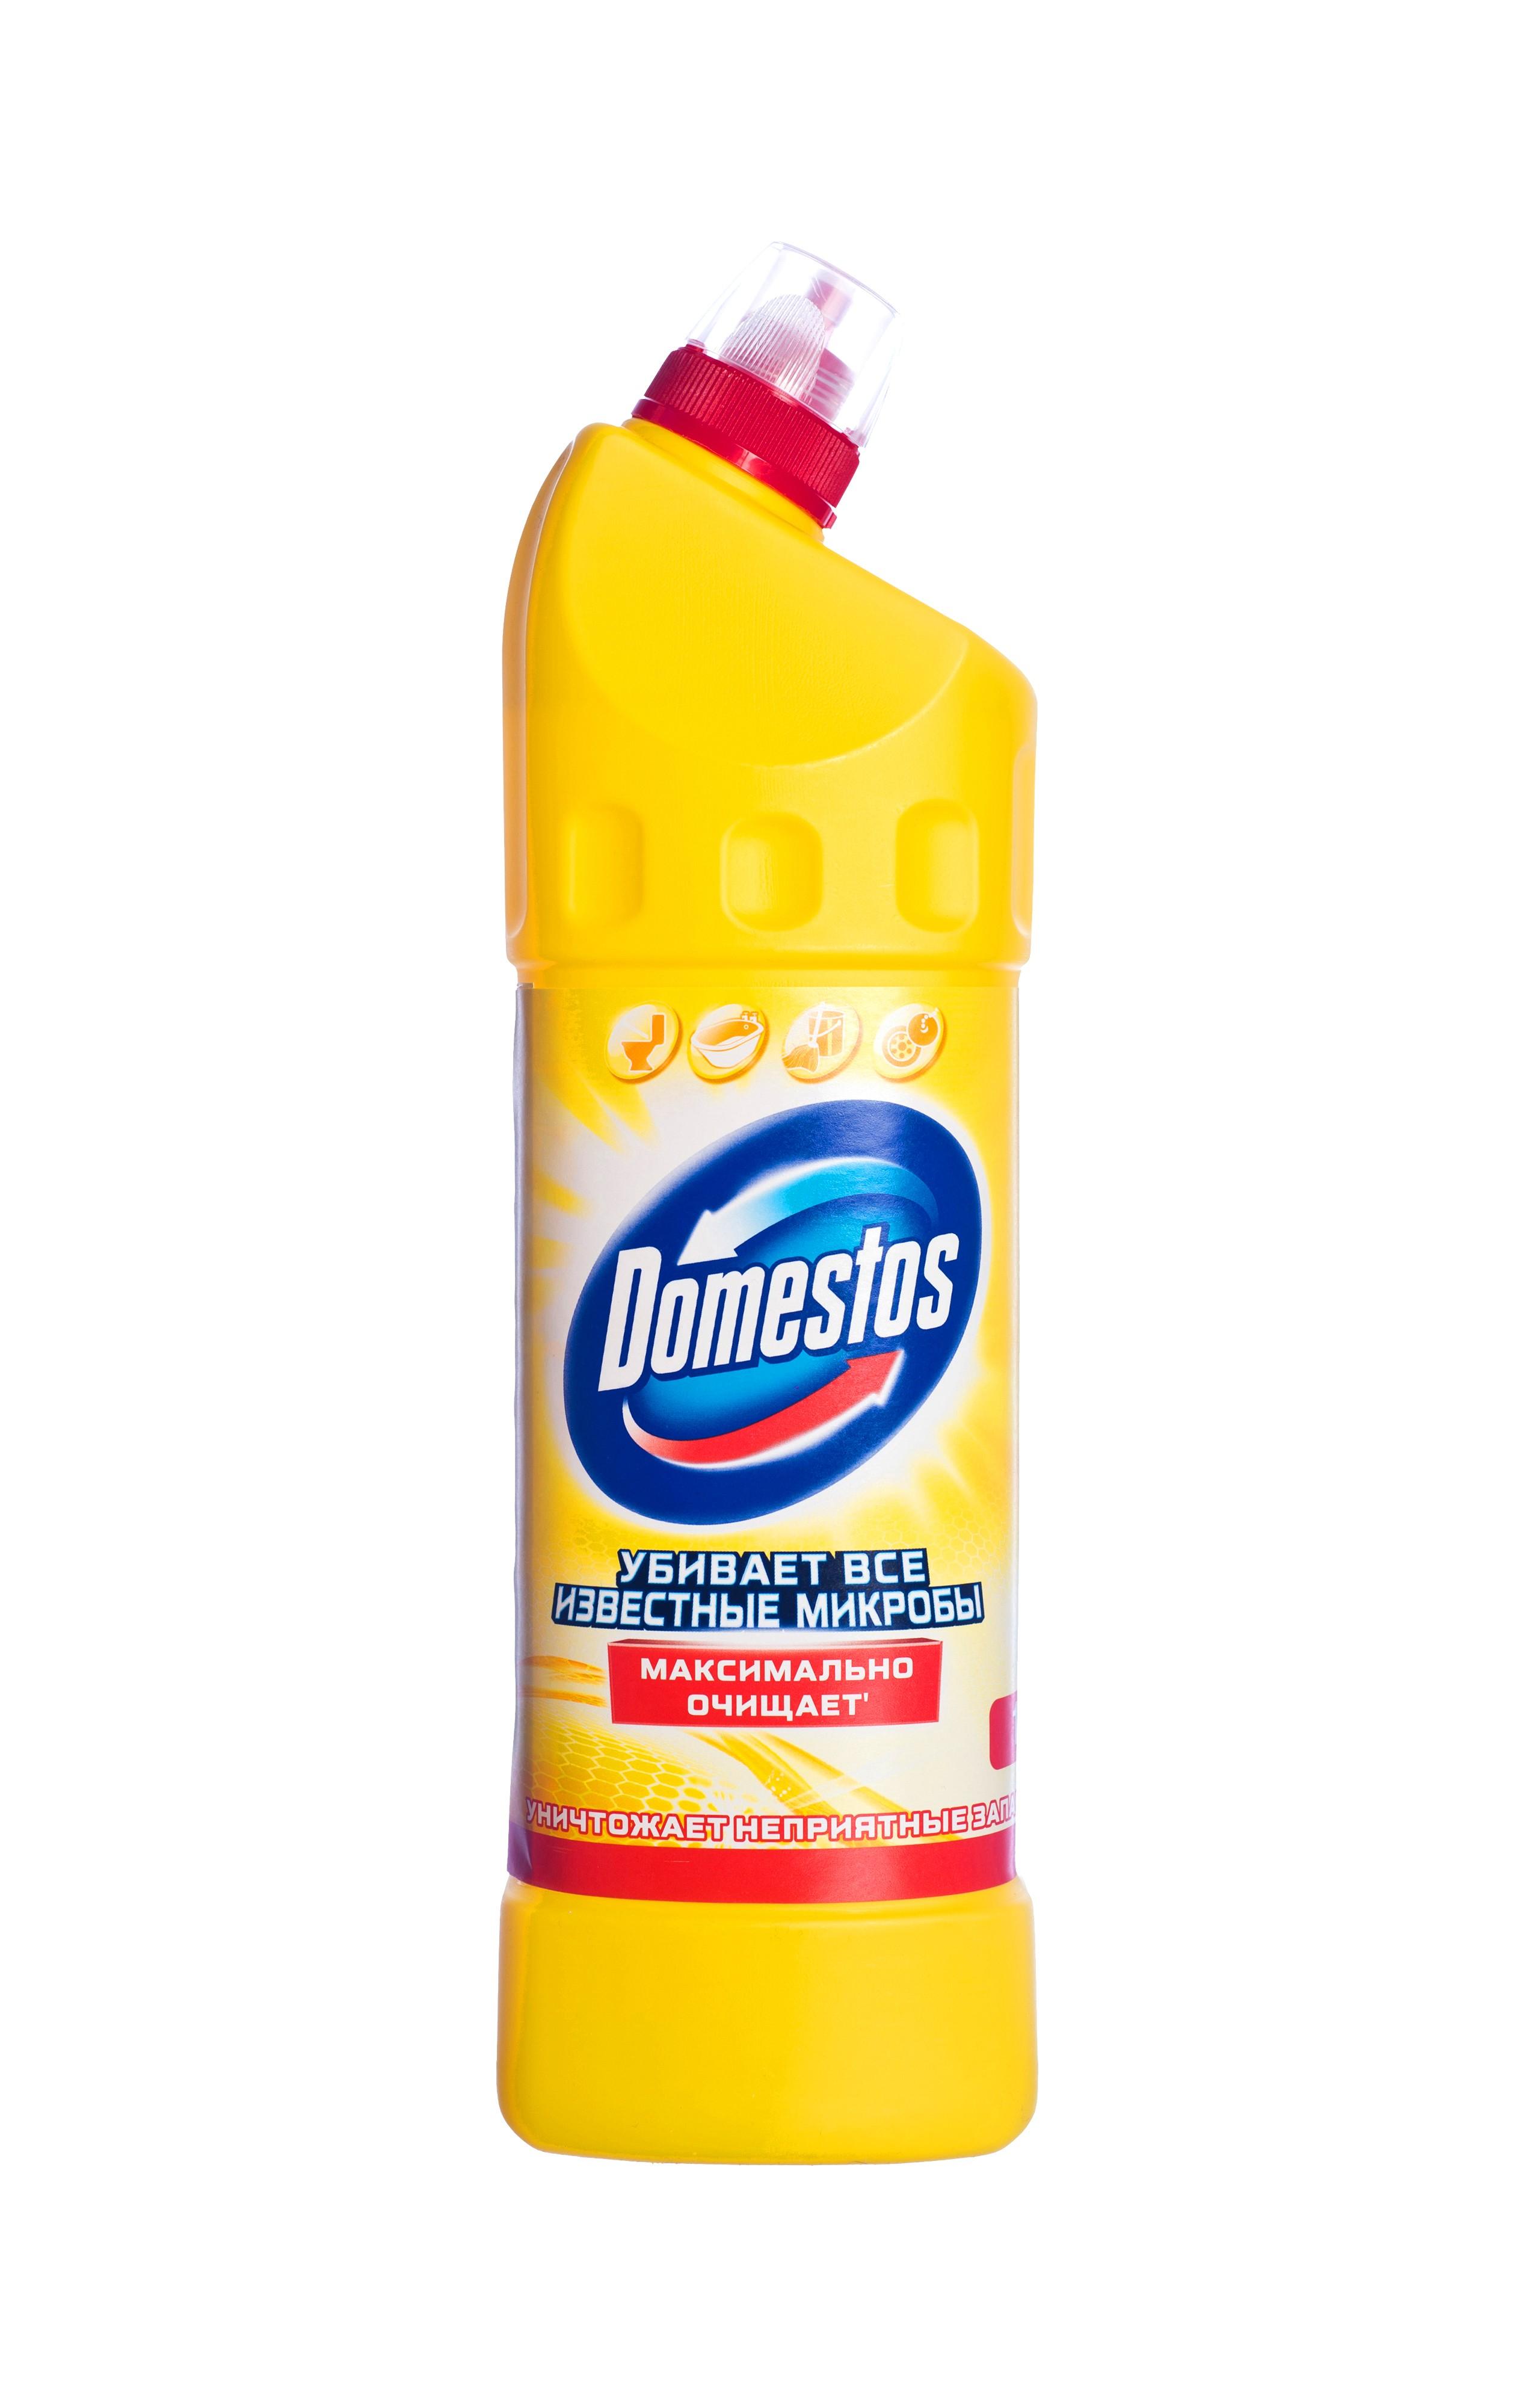 Domestos Чистящее средство Двойная сила, универсальное, лимонная свежесть, 1 л21012646/8828412Универсальное чистящее средство Domestos Двойная сила. Лимонная свежесть подходит для уборки раковин и ванн, кафеля, пола, унитаза, сливов и водостоков на кухне и в ванной. Чистит до блеска, дезинфицирует и отбеливает. Domestos не только очищает поверхности, но и помогает бороться со всеми известными микробами - в том числе, вызывающими опасные заболевания, обеспечивая свежий аромат. Густой, многофункциональный, экономичный и невероятно эффективный. Среди средств для туалетов Domestos - бесспорный лидер, благодаря густой формуле и удобной форме бутылки.Нельзя забывать, что гигиена важна не только в туалете, но и в ванной. Влага и тепло - идеальные условия для размножения бактерий, грибка, плесени. Регулярное использование небольшого количества Domestos на мокрой тряпке или губке в ванной убирает мыльной осадок, темные пятна, дезинфицирует поверхности. Domestos безопасен. При надлежащем использовании Domestos абсолютно безвреден как для людей, так и для окружающей среды: содержащееся в нем активное дезинфицирующее вещество сразу после применения распадается на безопасные компоненты. Состав: менее 5%: гипохлорит натрия, анионные ПАВ, неионогенные ПАВ, мыло, отдушка.Товар сертифицирован.